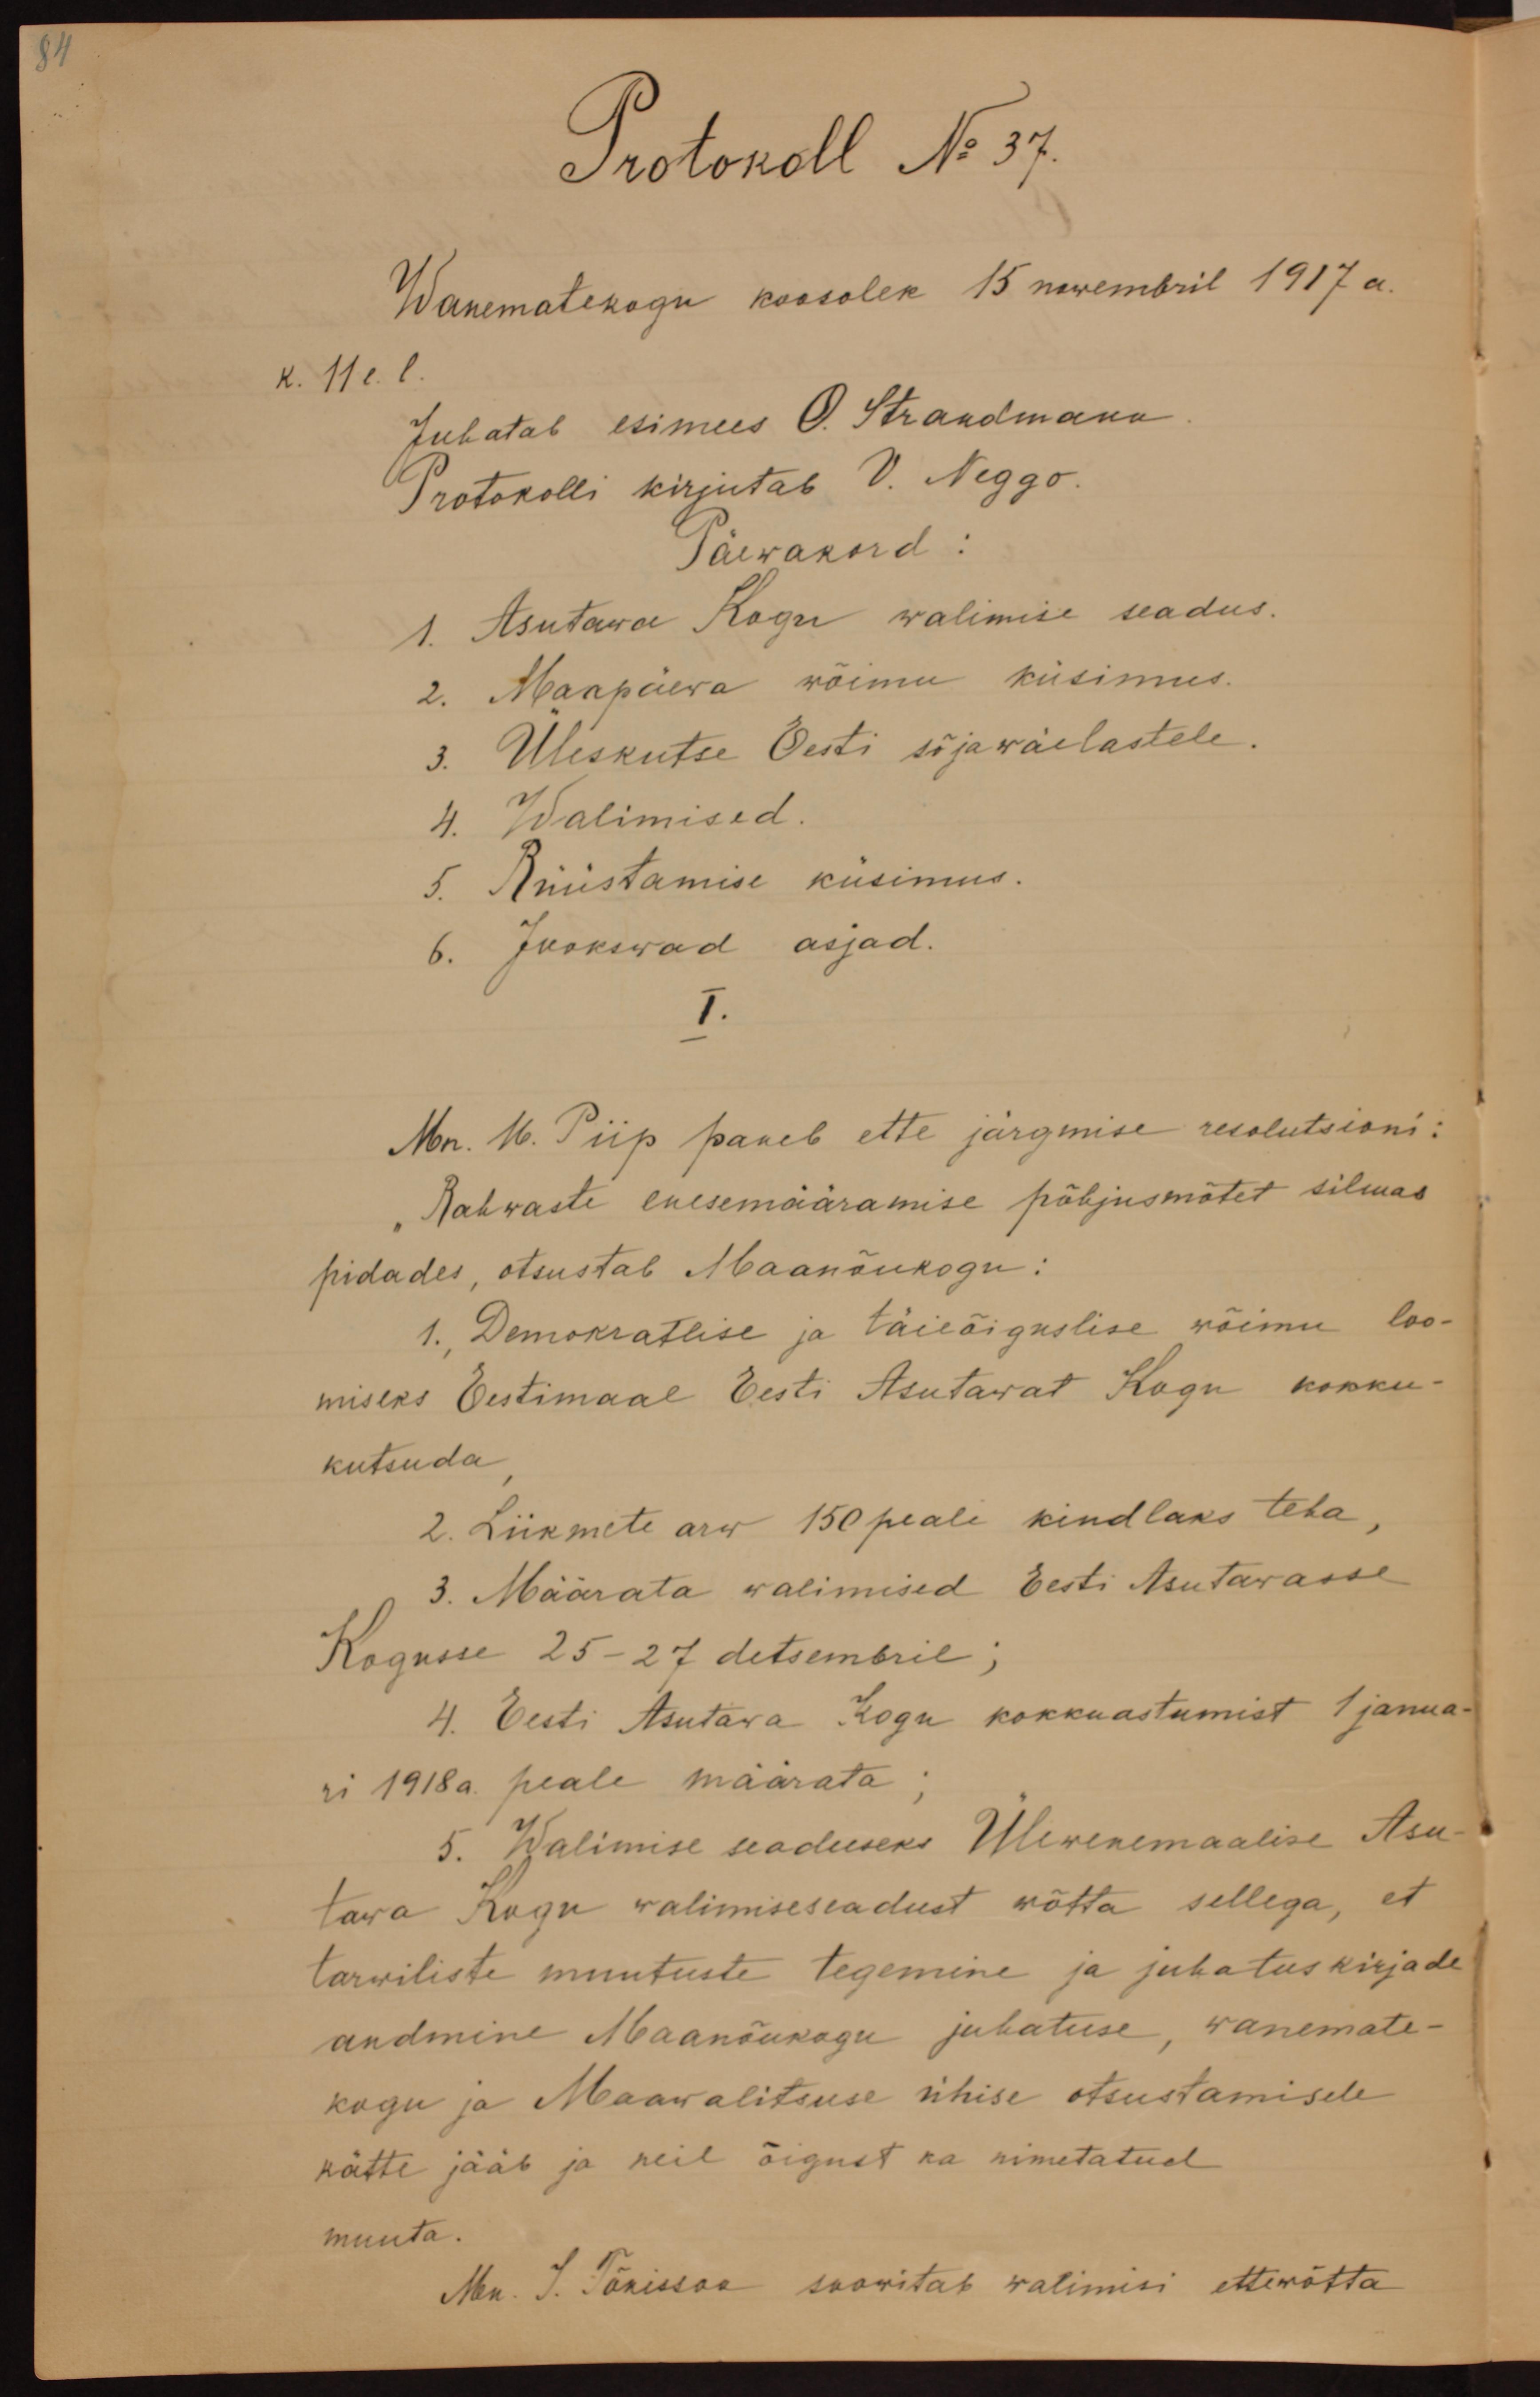 Vanematekogu koosoleku protokoll. Juhatab esimees O. Strandman. 15.11.1917. ERA.78.1.49. era0078_001_0000049_00001_t